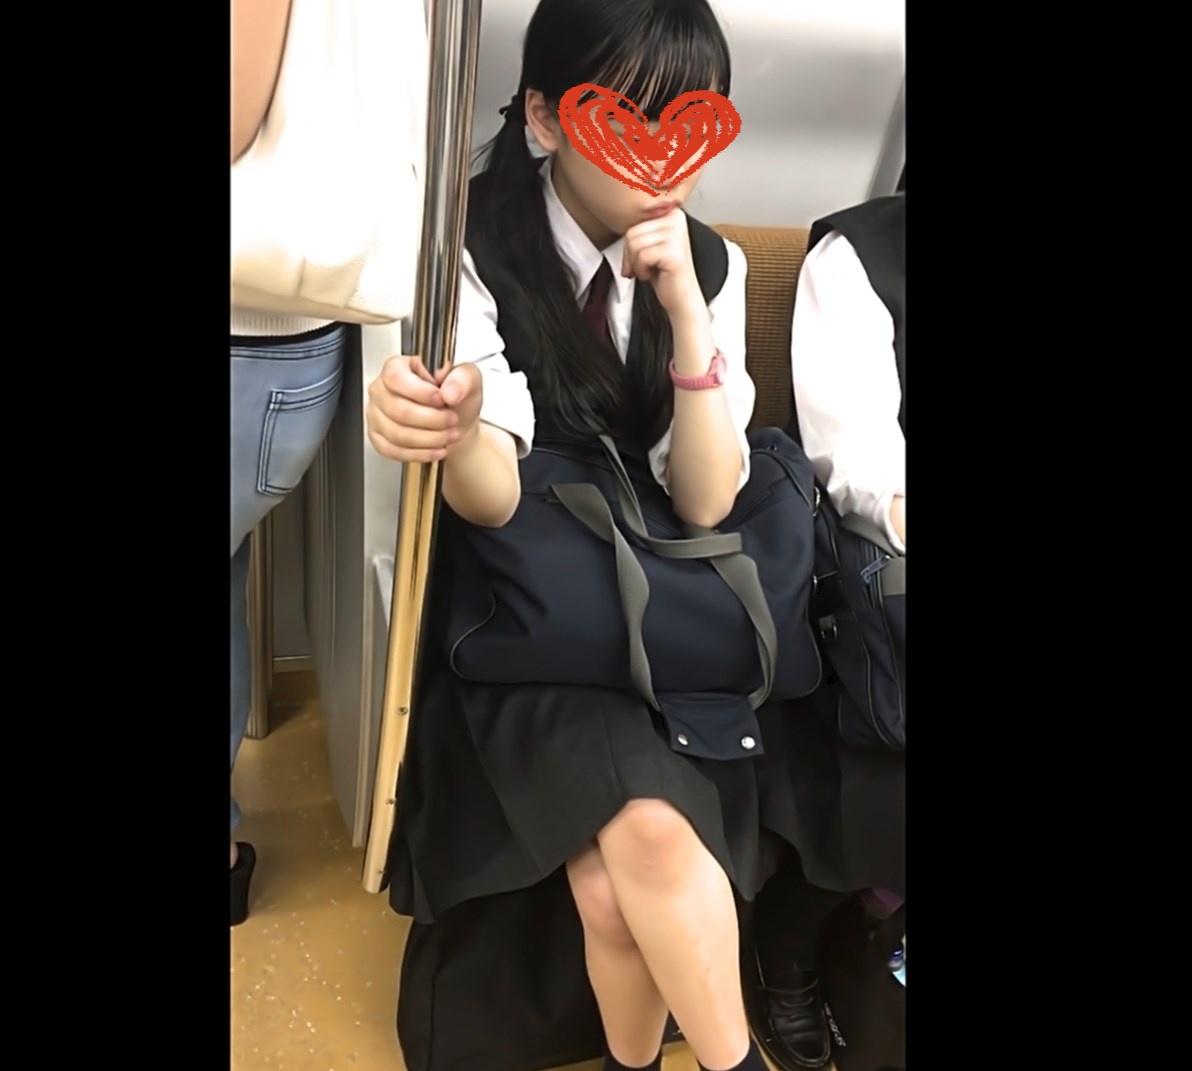 制服JKちゃんのスカート内抜き打ち検査10画像つき詳細レビュー